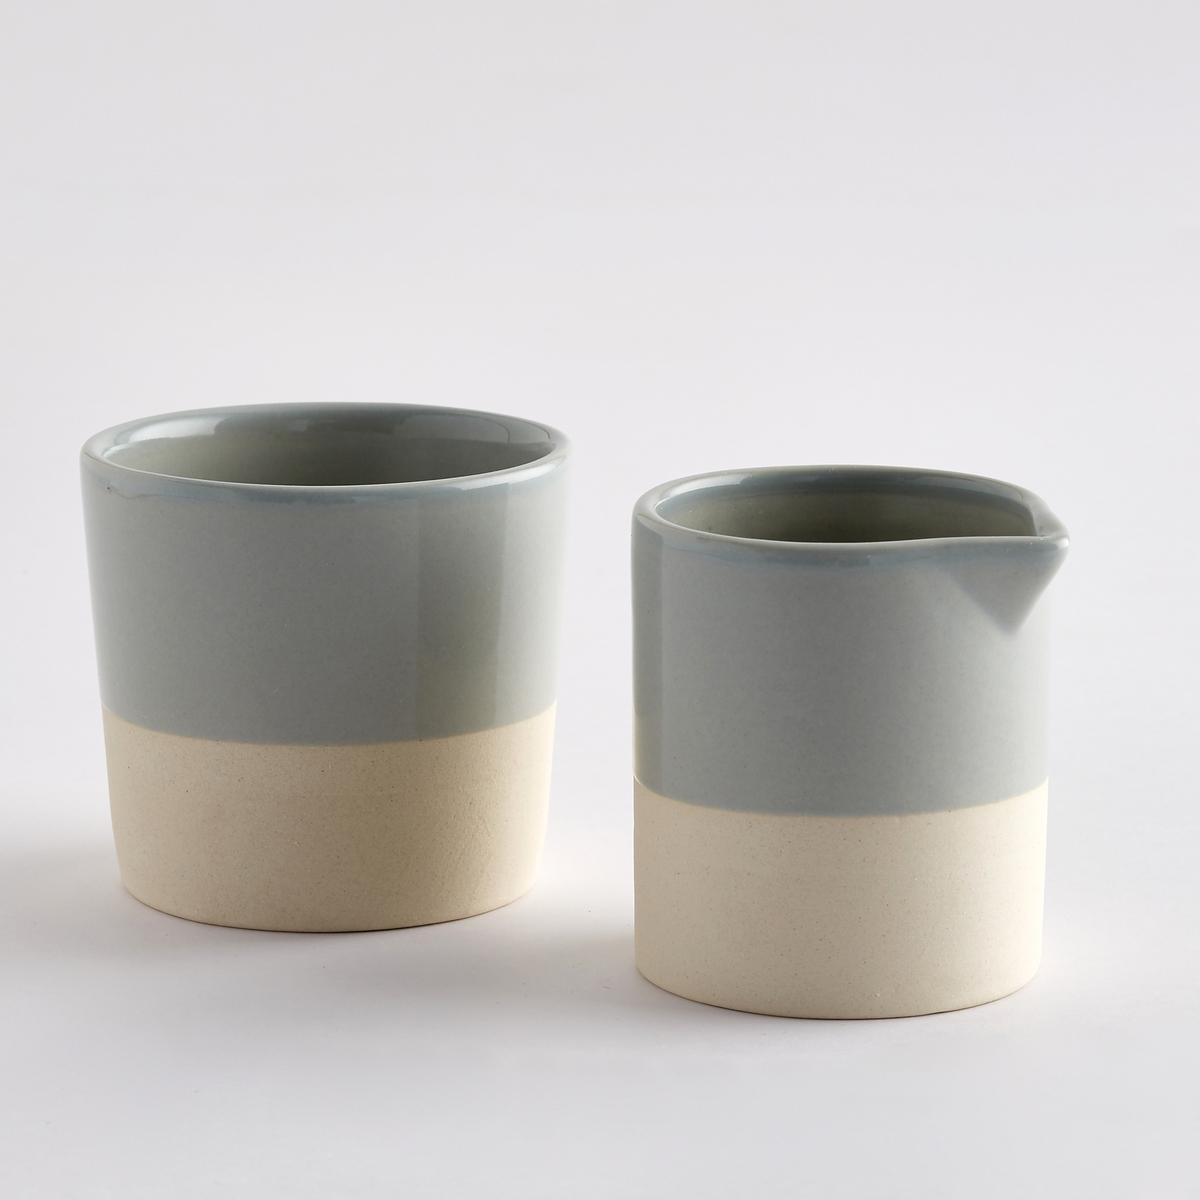 Набор из молочника и сахарницы из керамики, покрытой глазурью, дно из керамики без глазури, Warota